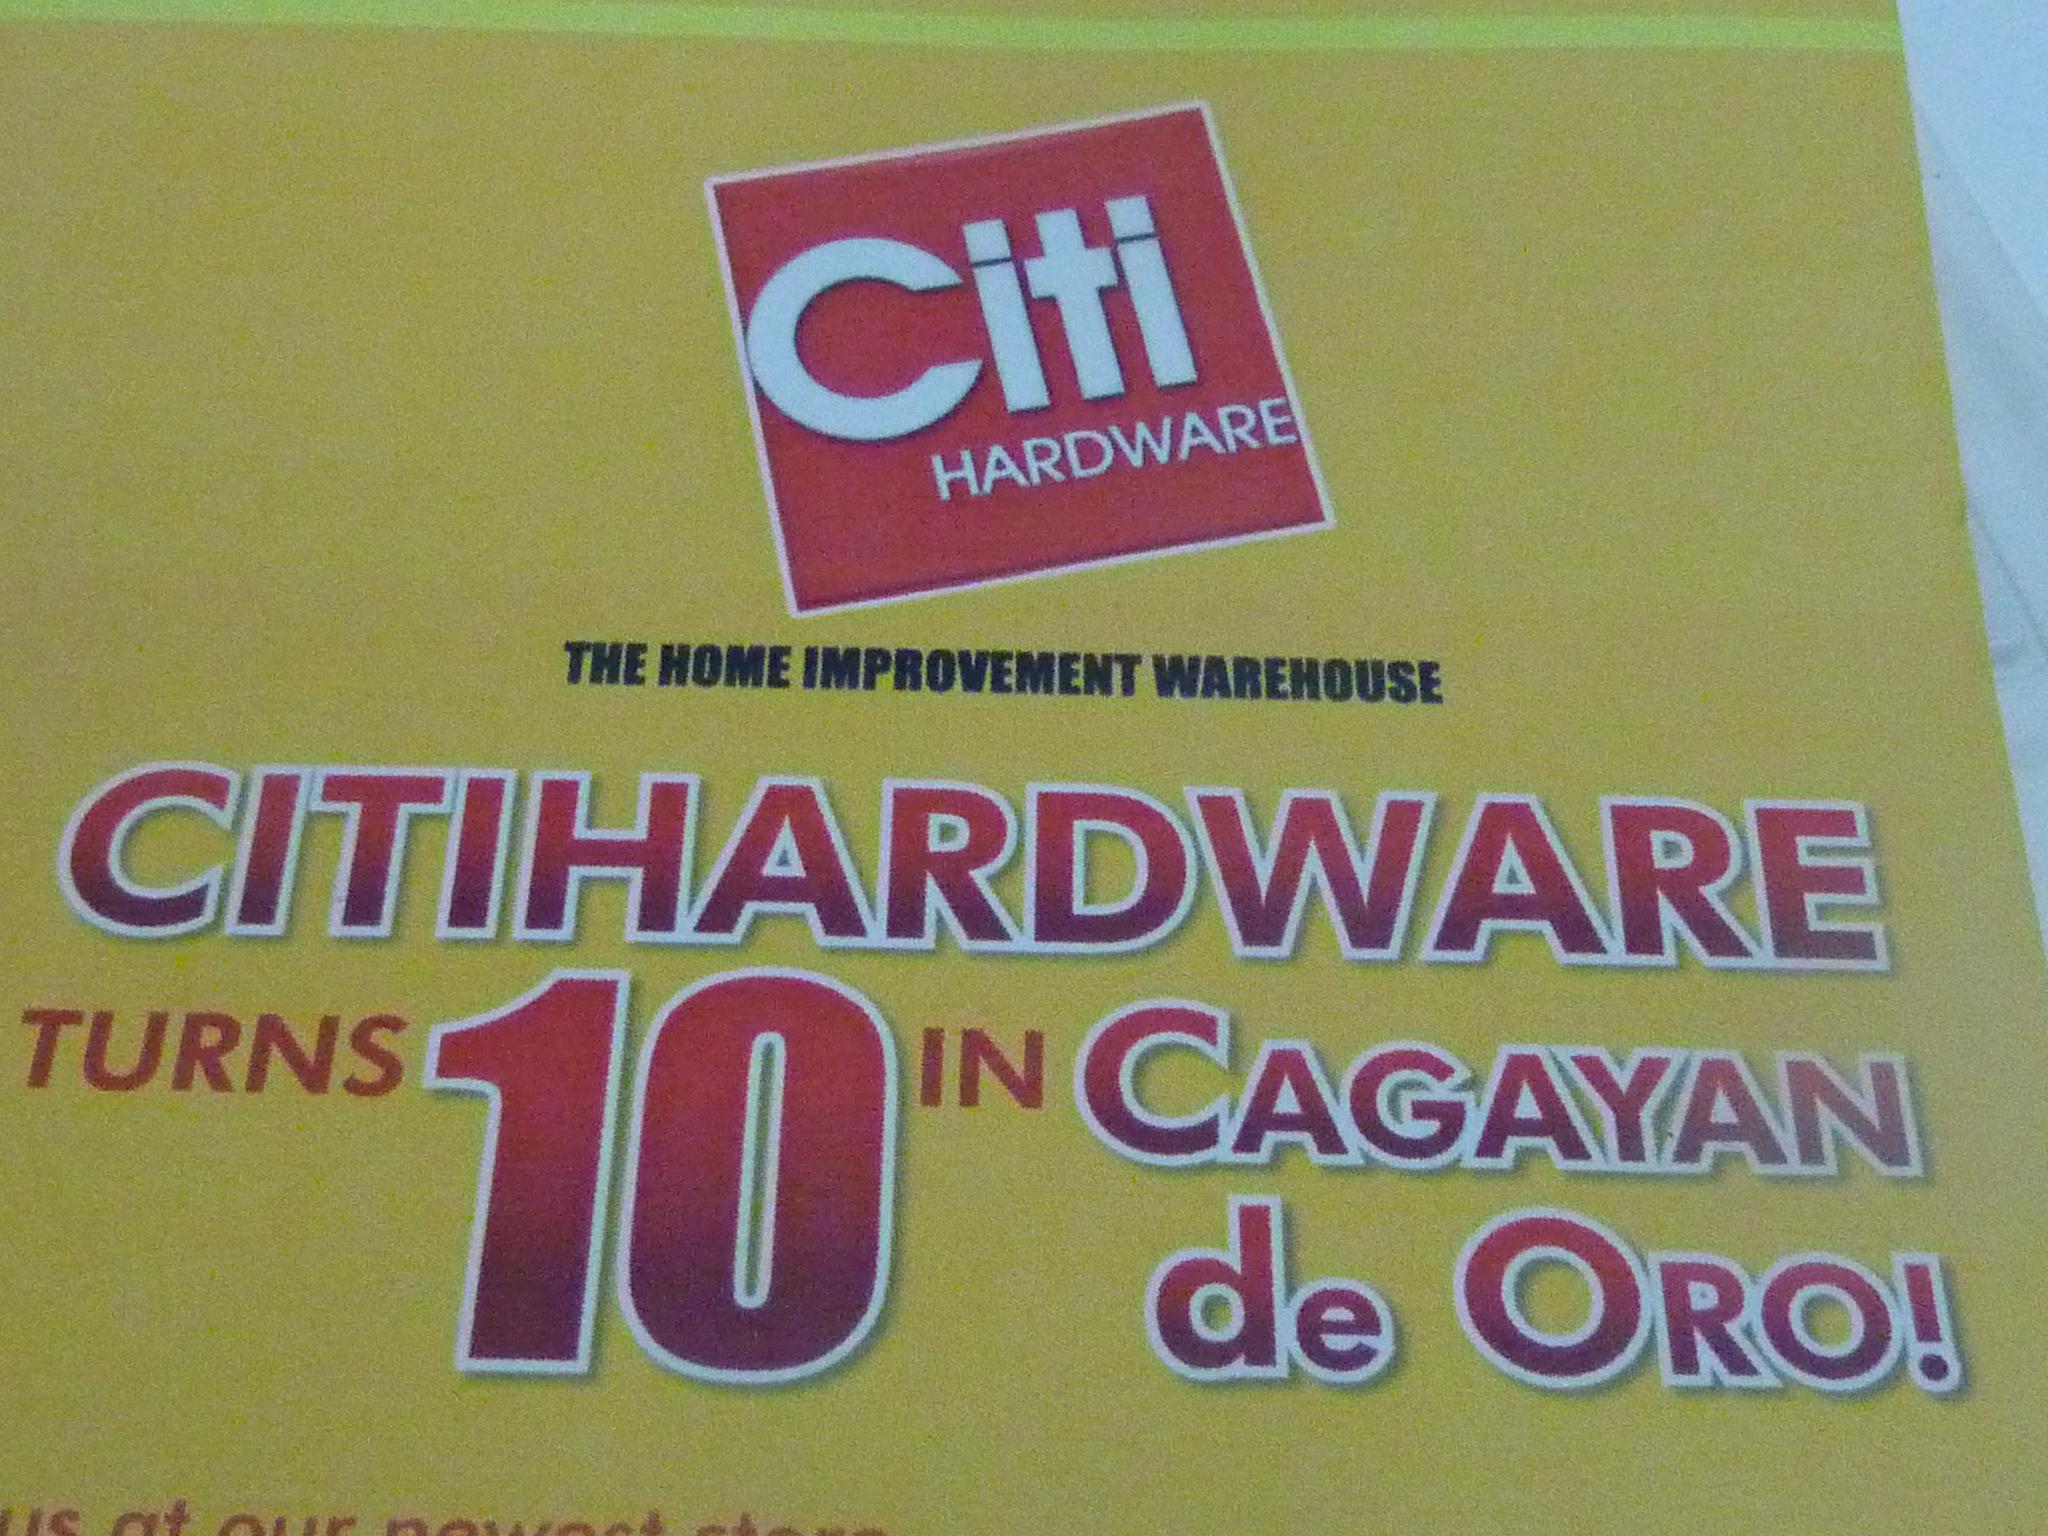 Managing the Citihardware 10th anniversary celebration in CDO